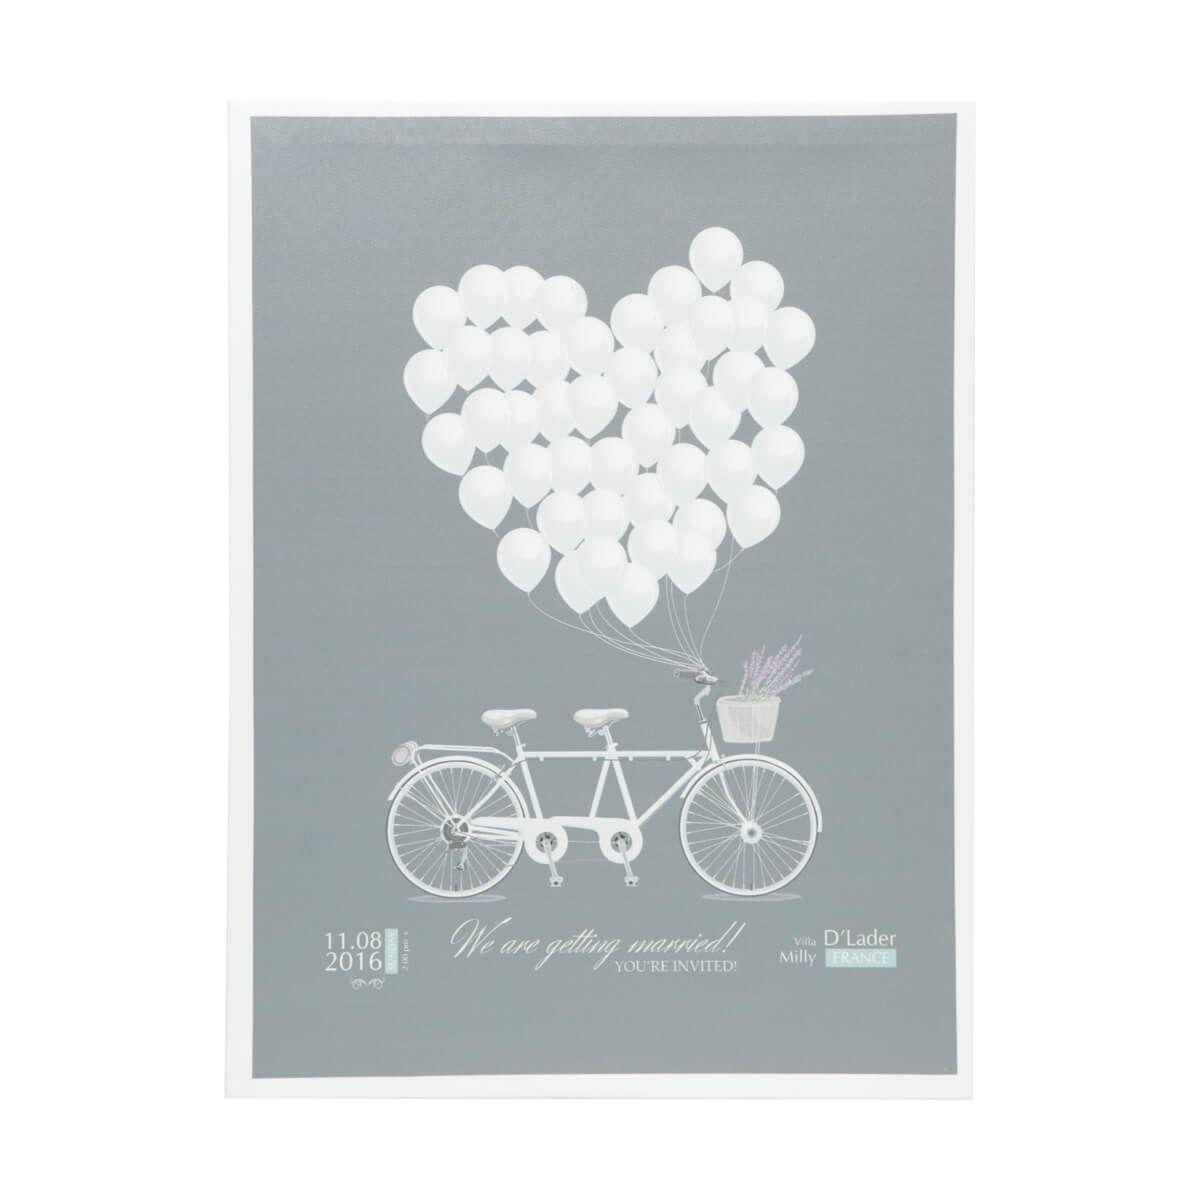 Tela Decorativa Bicicleta e Balões Cinza e Branca 30x40